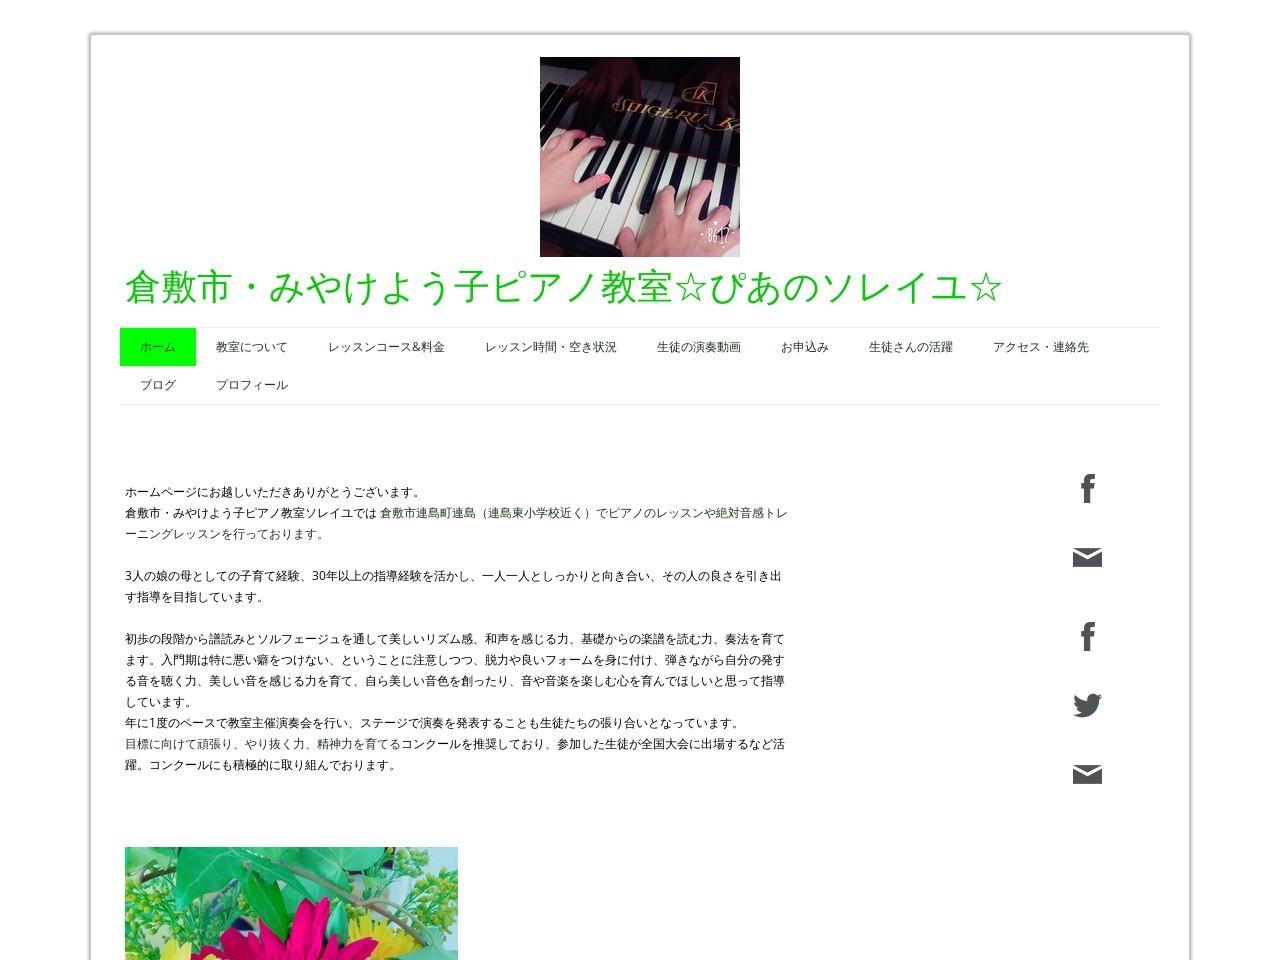 倉敷市・みやけよう子ピアノ教室ソレイユのサムネイル